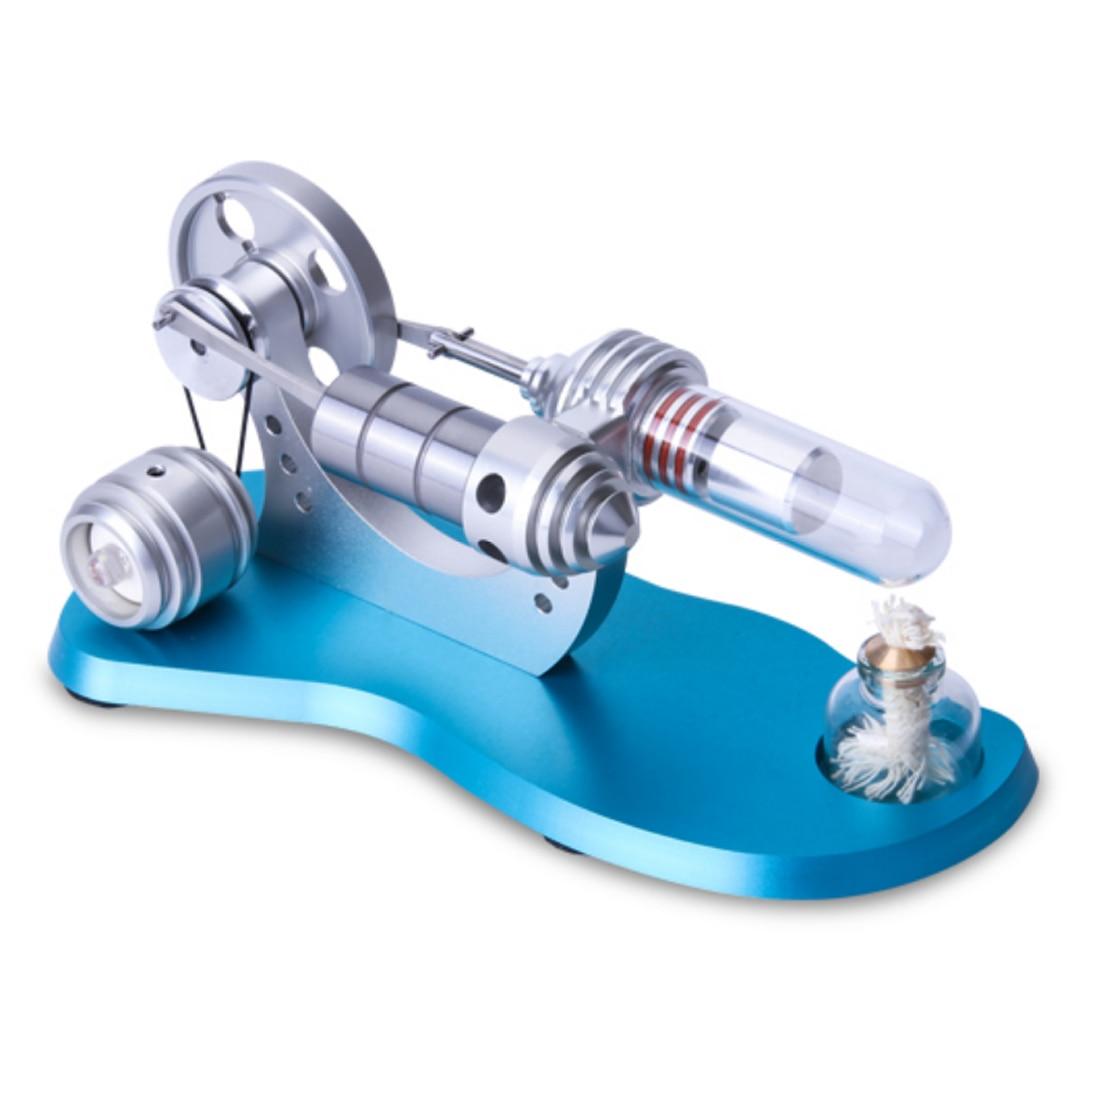 Blue Baseboard Metal Cylinder Bootable Stirling Engine Model Kit Micro External Combustion Engine Model - DIY Science Test Kit чайник электрический endever kr 350